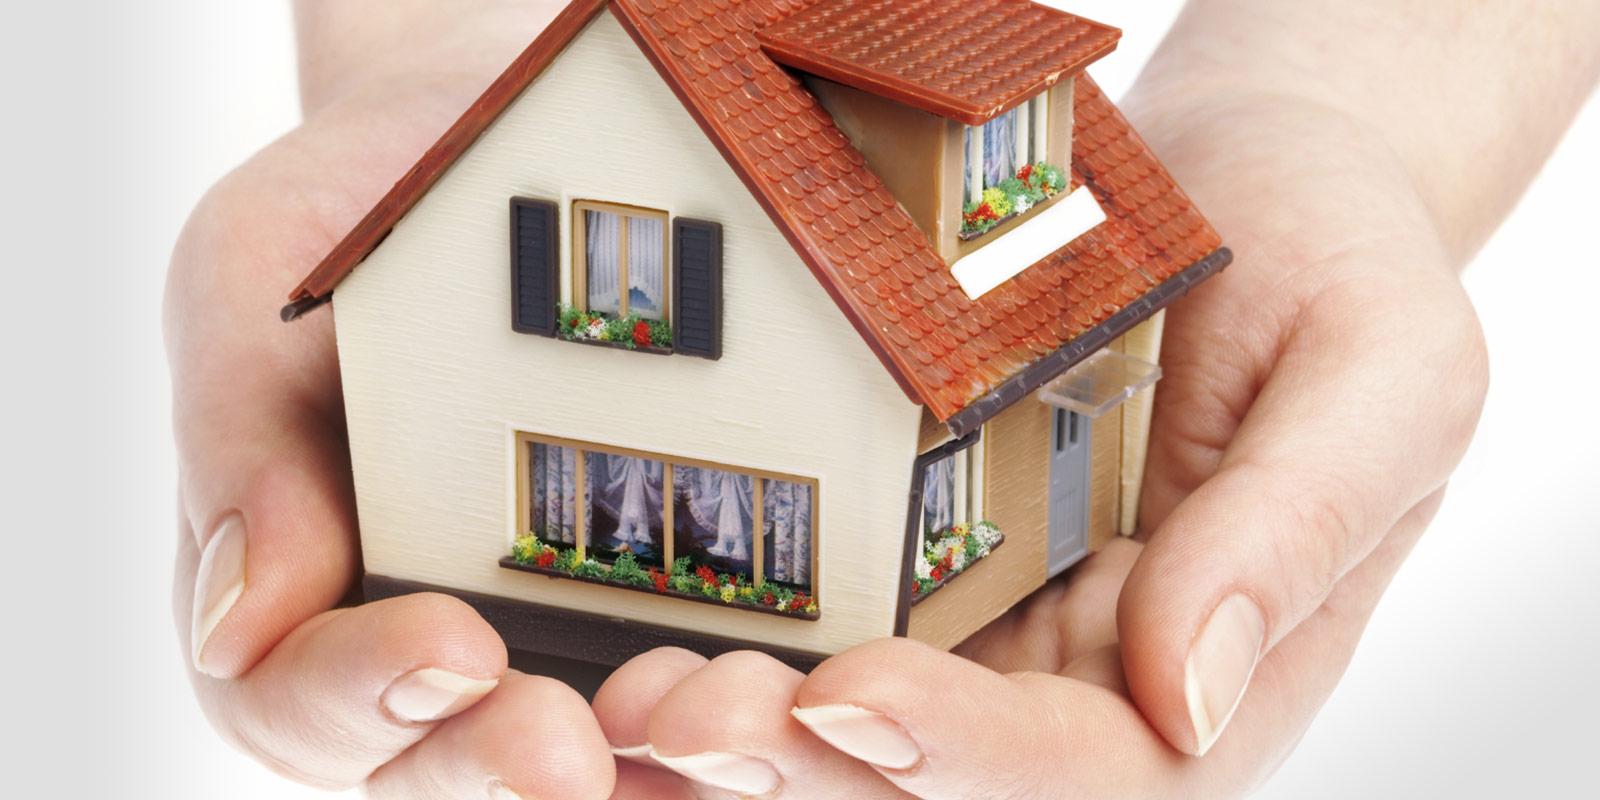 Potřebujete peníze rychle? Jaké výhody a rizika představuje přímý výkup nemovitosti?